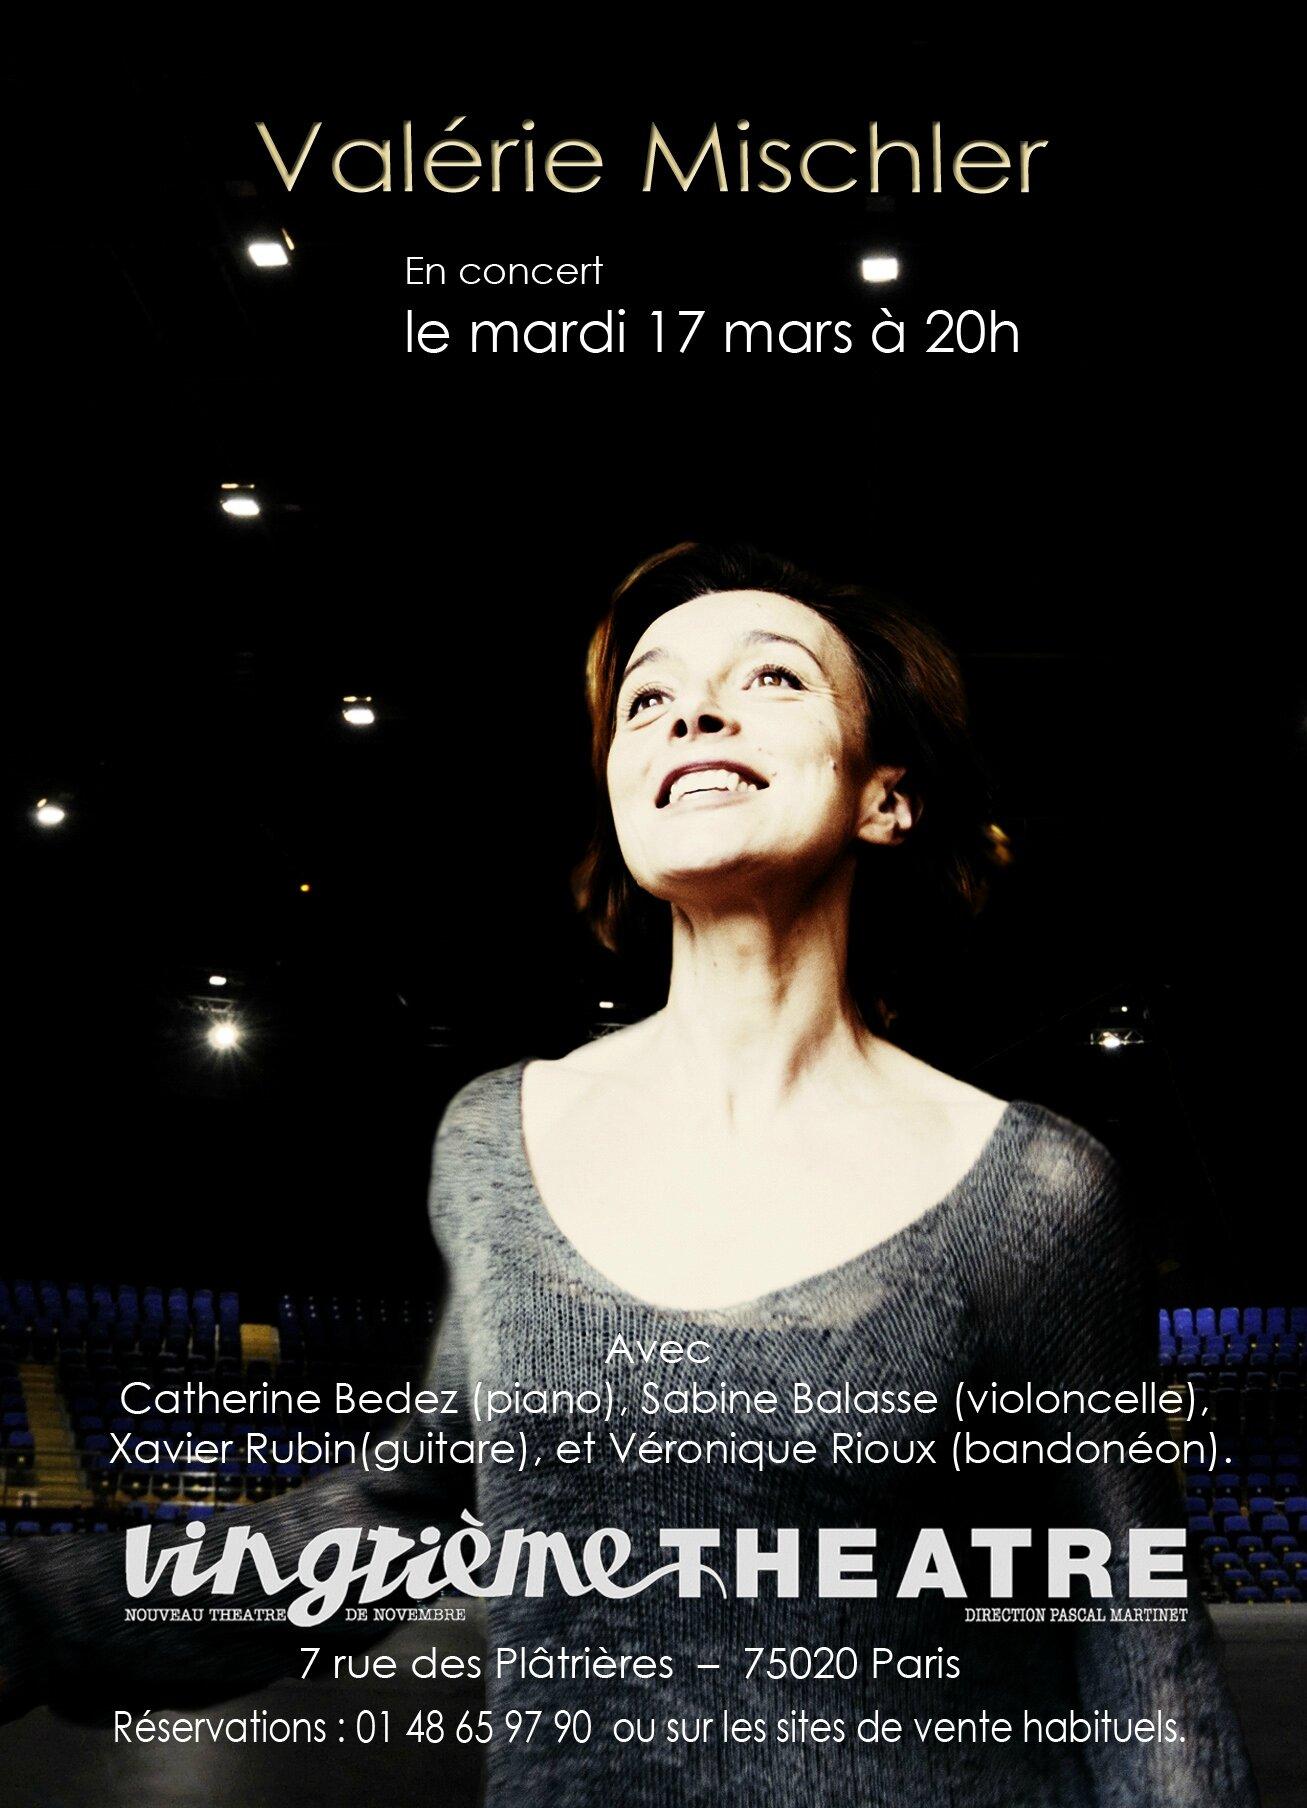 Valérie Mischler / Affiche pour le XX ième Théâtre